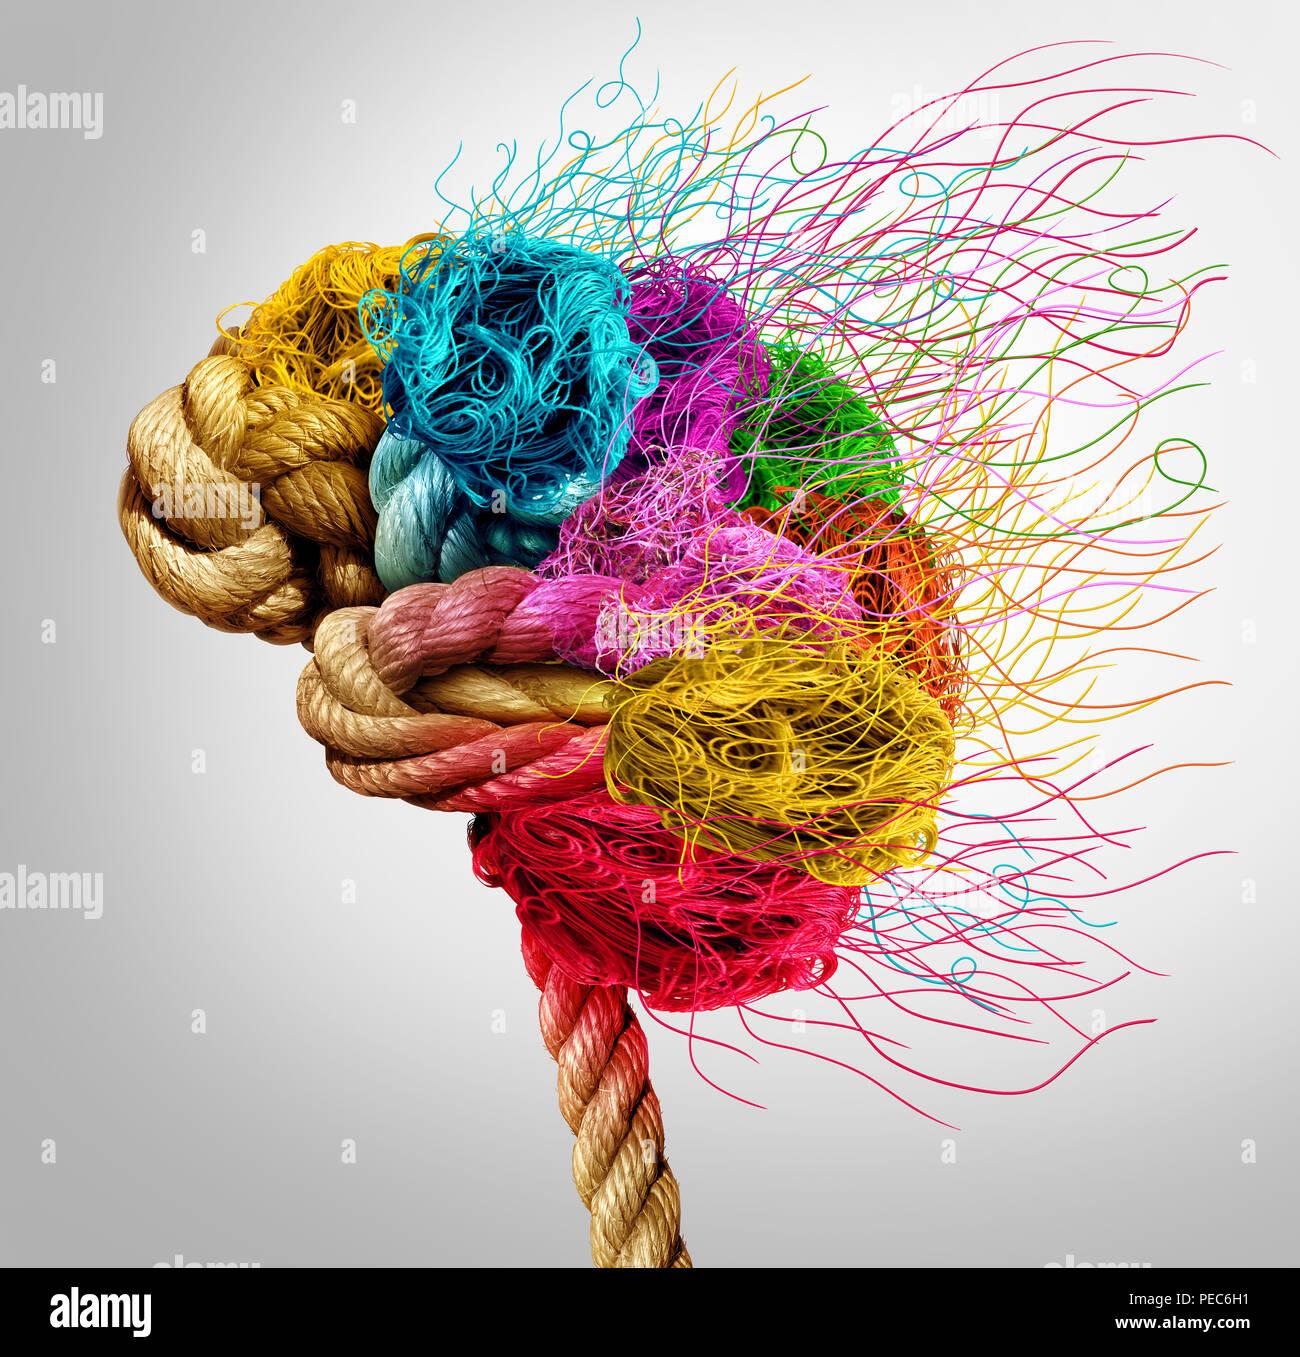 Ideenfindung und Brainstorming Konzept oder Psychologie Symbol als kreativen menschlichen Geistes von Seil- und Thread in einem 3D-Illustration Stil. Stockbild